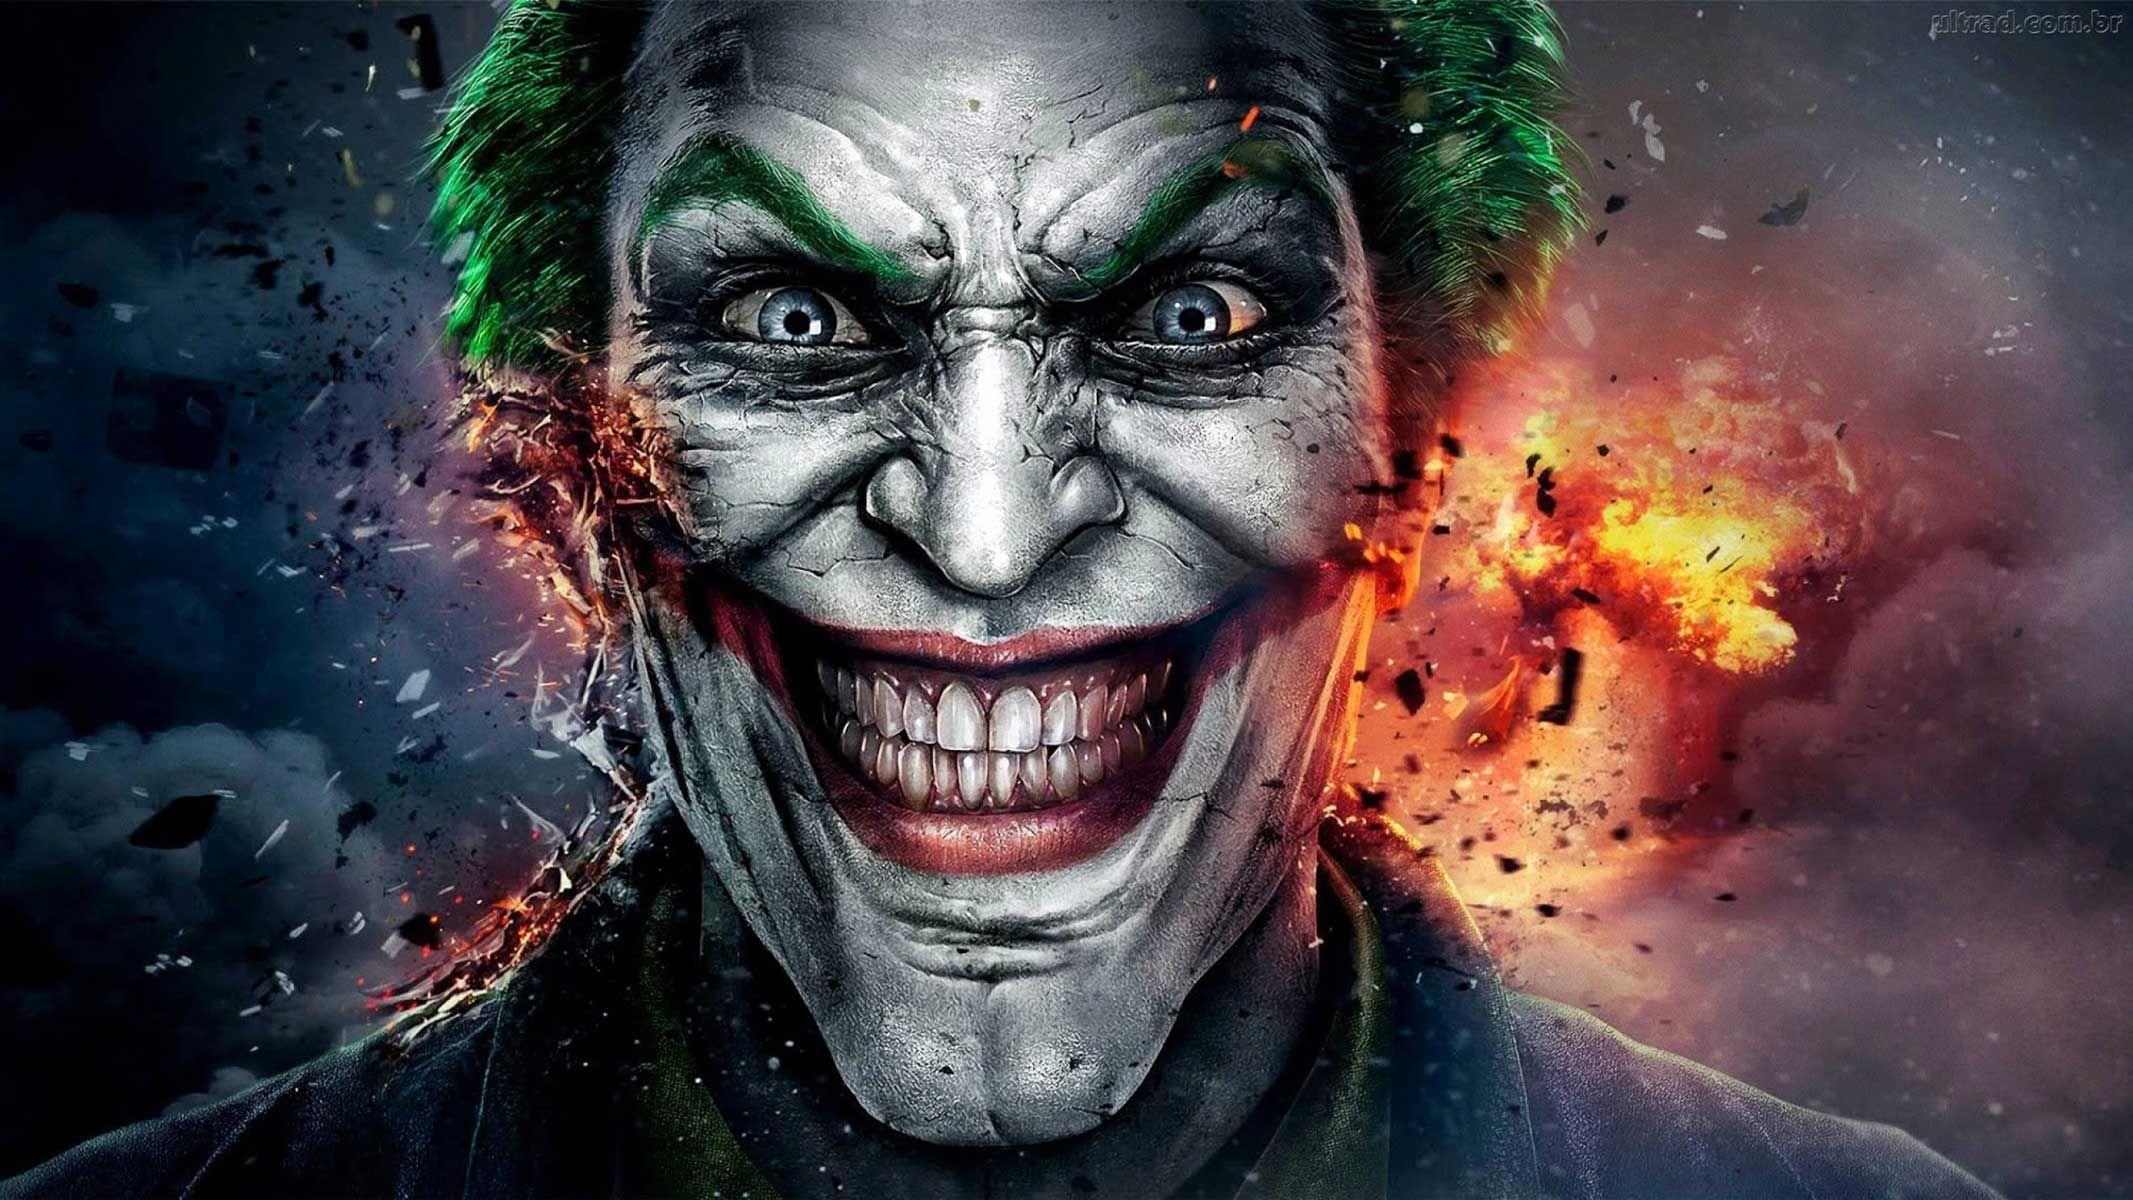 Hd Wallpaper 3d Joker Wallpapers Joker Face Joker Art